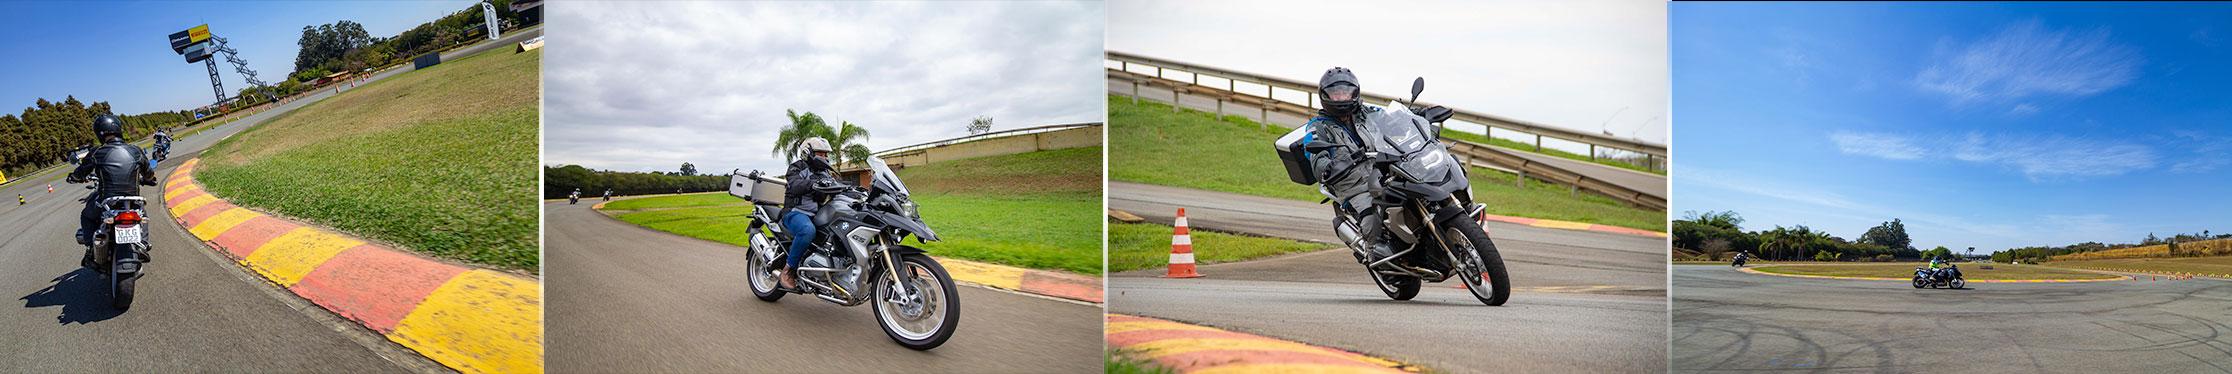 BMW-Rider-Experience_Cursos-TrackDay